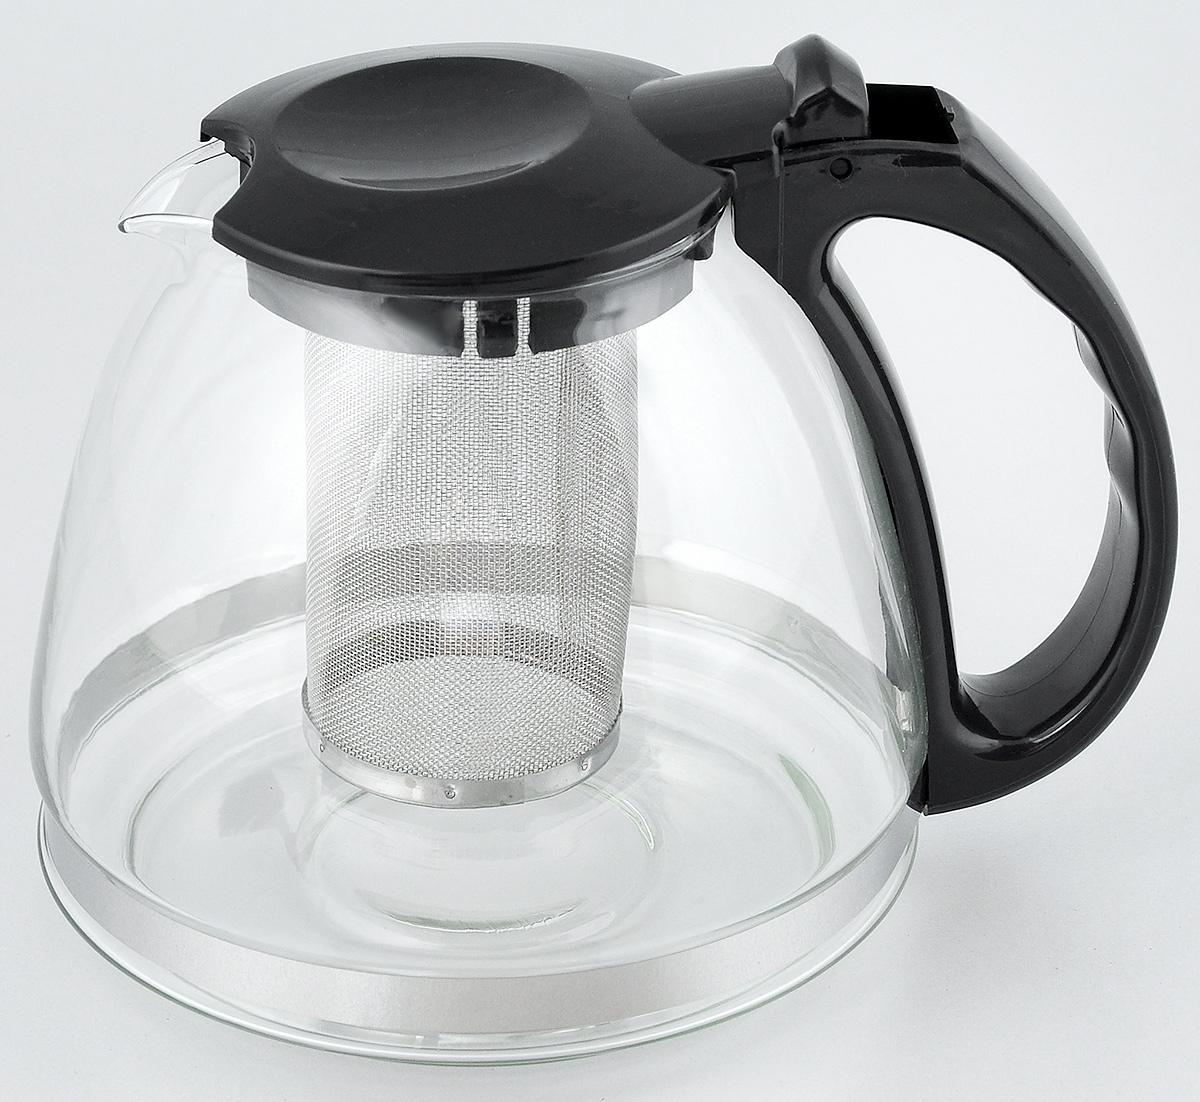 """Заварочный чайник """"LY"""" изготовлен из высококачественного стекла и полипропилена. Изделие оснащено сетчатым металлическим фильтром, который задерживает чаинки и предотвращает их попадание в чашку, а прозрачные стенки дадут возможность наблюдать за насыщением напитка.Чай в таком чайнике дольше остается горячим, а полезные и ароматические вещества полностью сохраняются в напитке. Не рекомендуется мыть в посудомоечной машине.Диаметр чайника (по верхнему краю): 8 см.Высота чайника (с учетом крышки): 15 см.Размер фильтра: 6 х 6 х 10 см."""